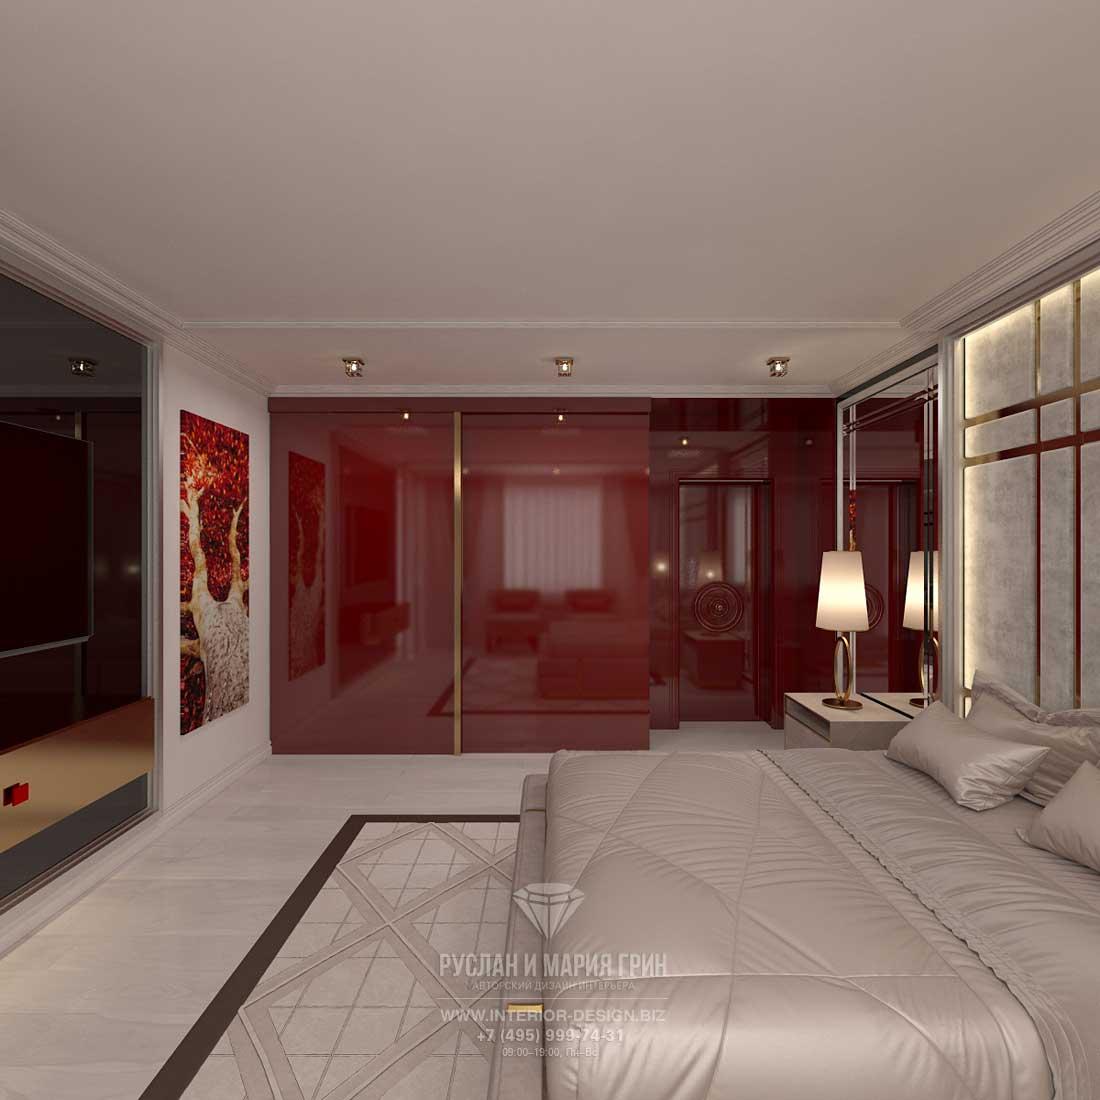 Дизайн спальни в стиле арт-деко. Гардеробный шкаф